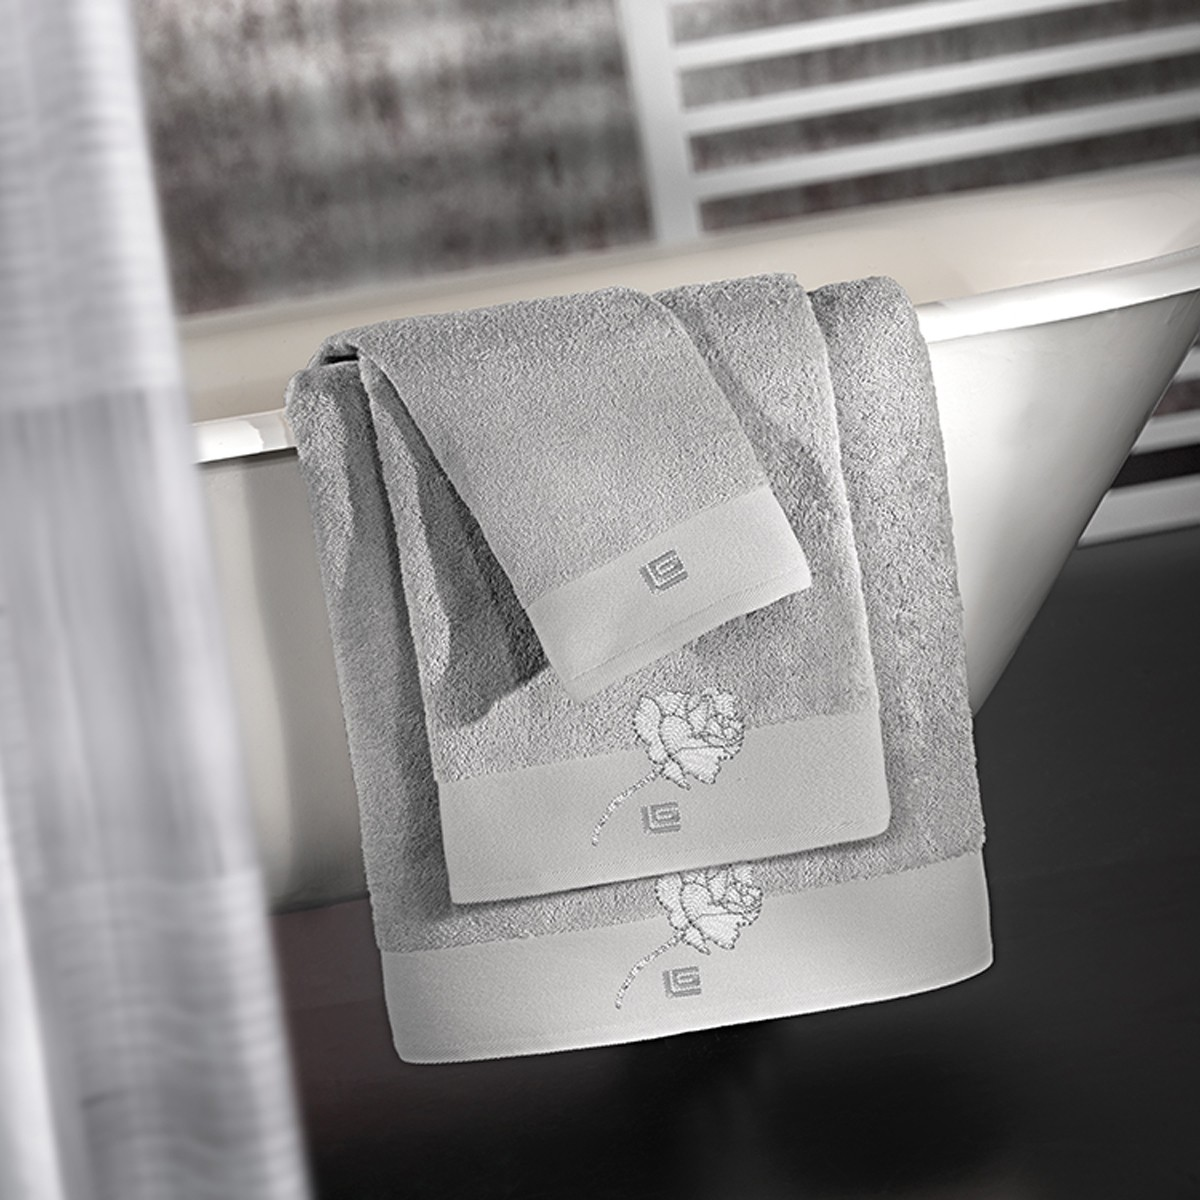 Πετσέτες Μπάνιου (Σετ) Guy Laroche Celia Silver home   μπάνιο   πετσέτες μπάνιου